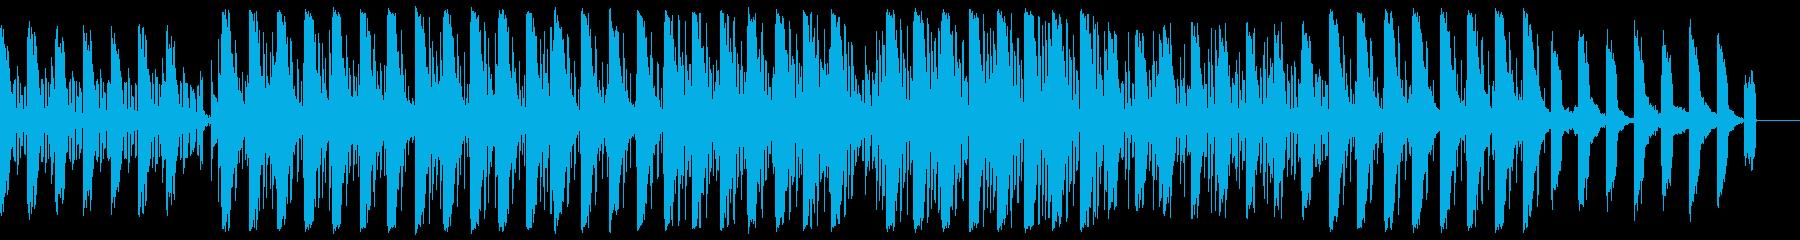 ほのぼのしたちょっぴり切ないchill系の再生済みの波形